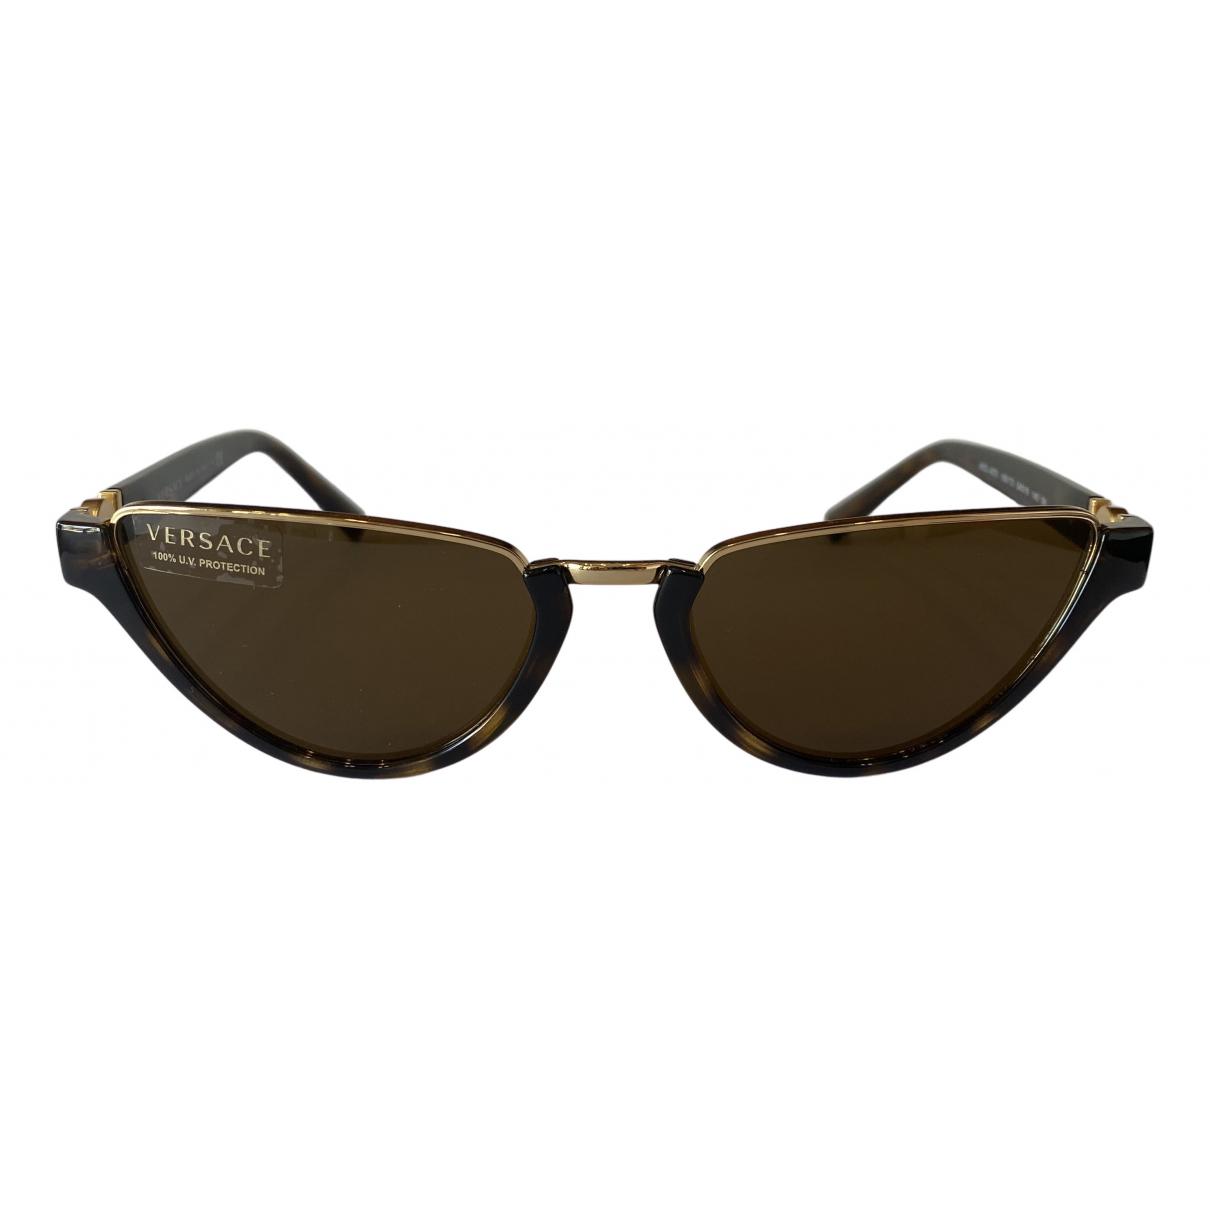 Versace N Brown Sunglasses for Women N